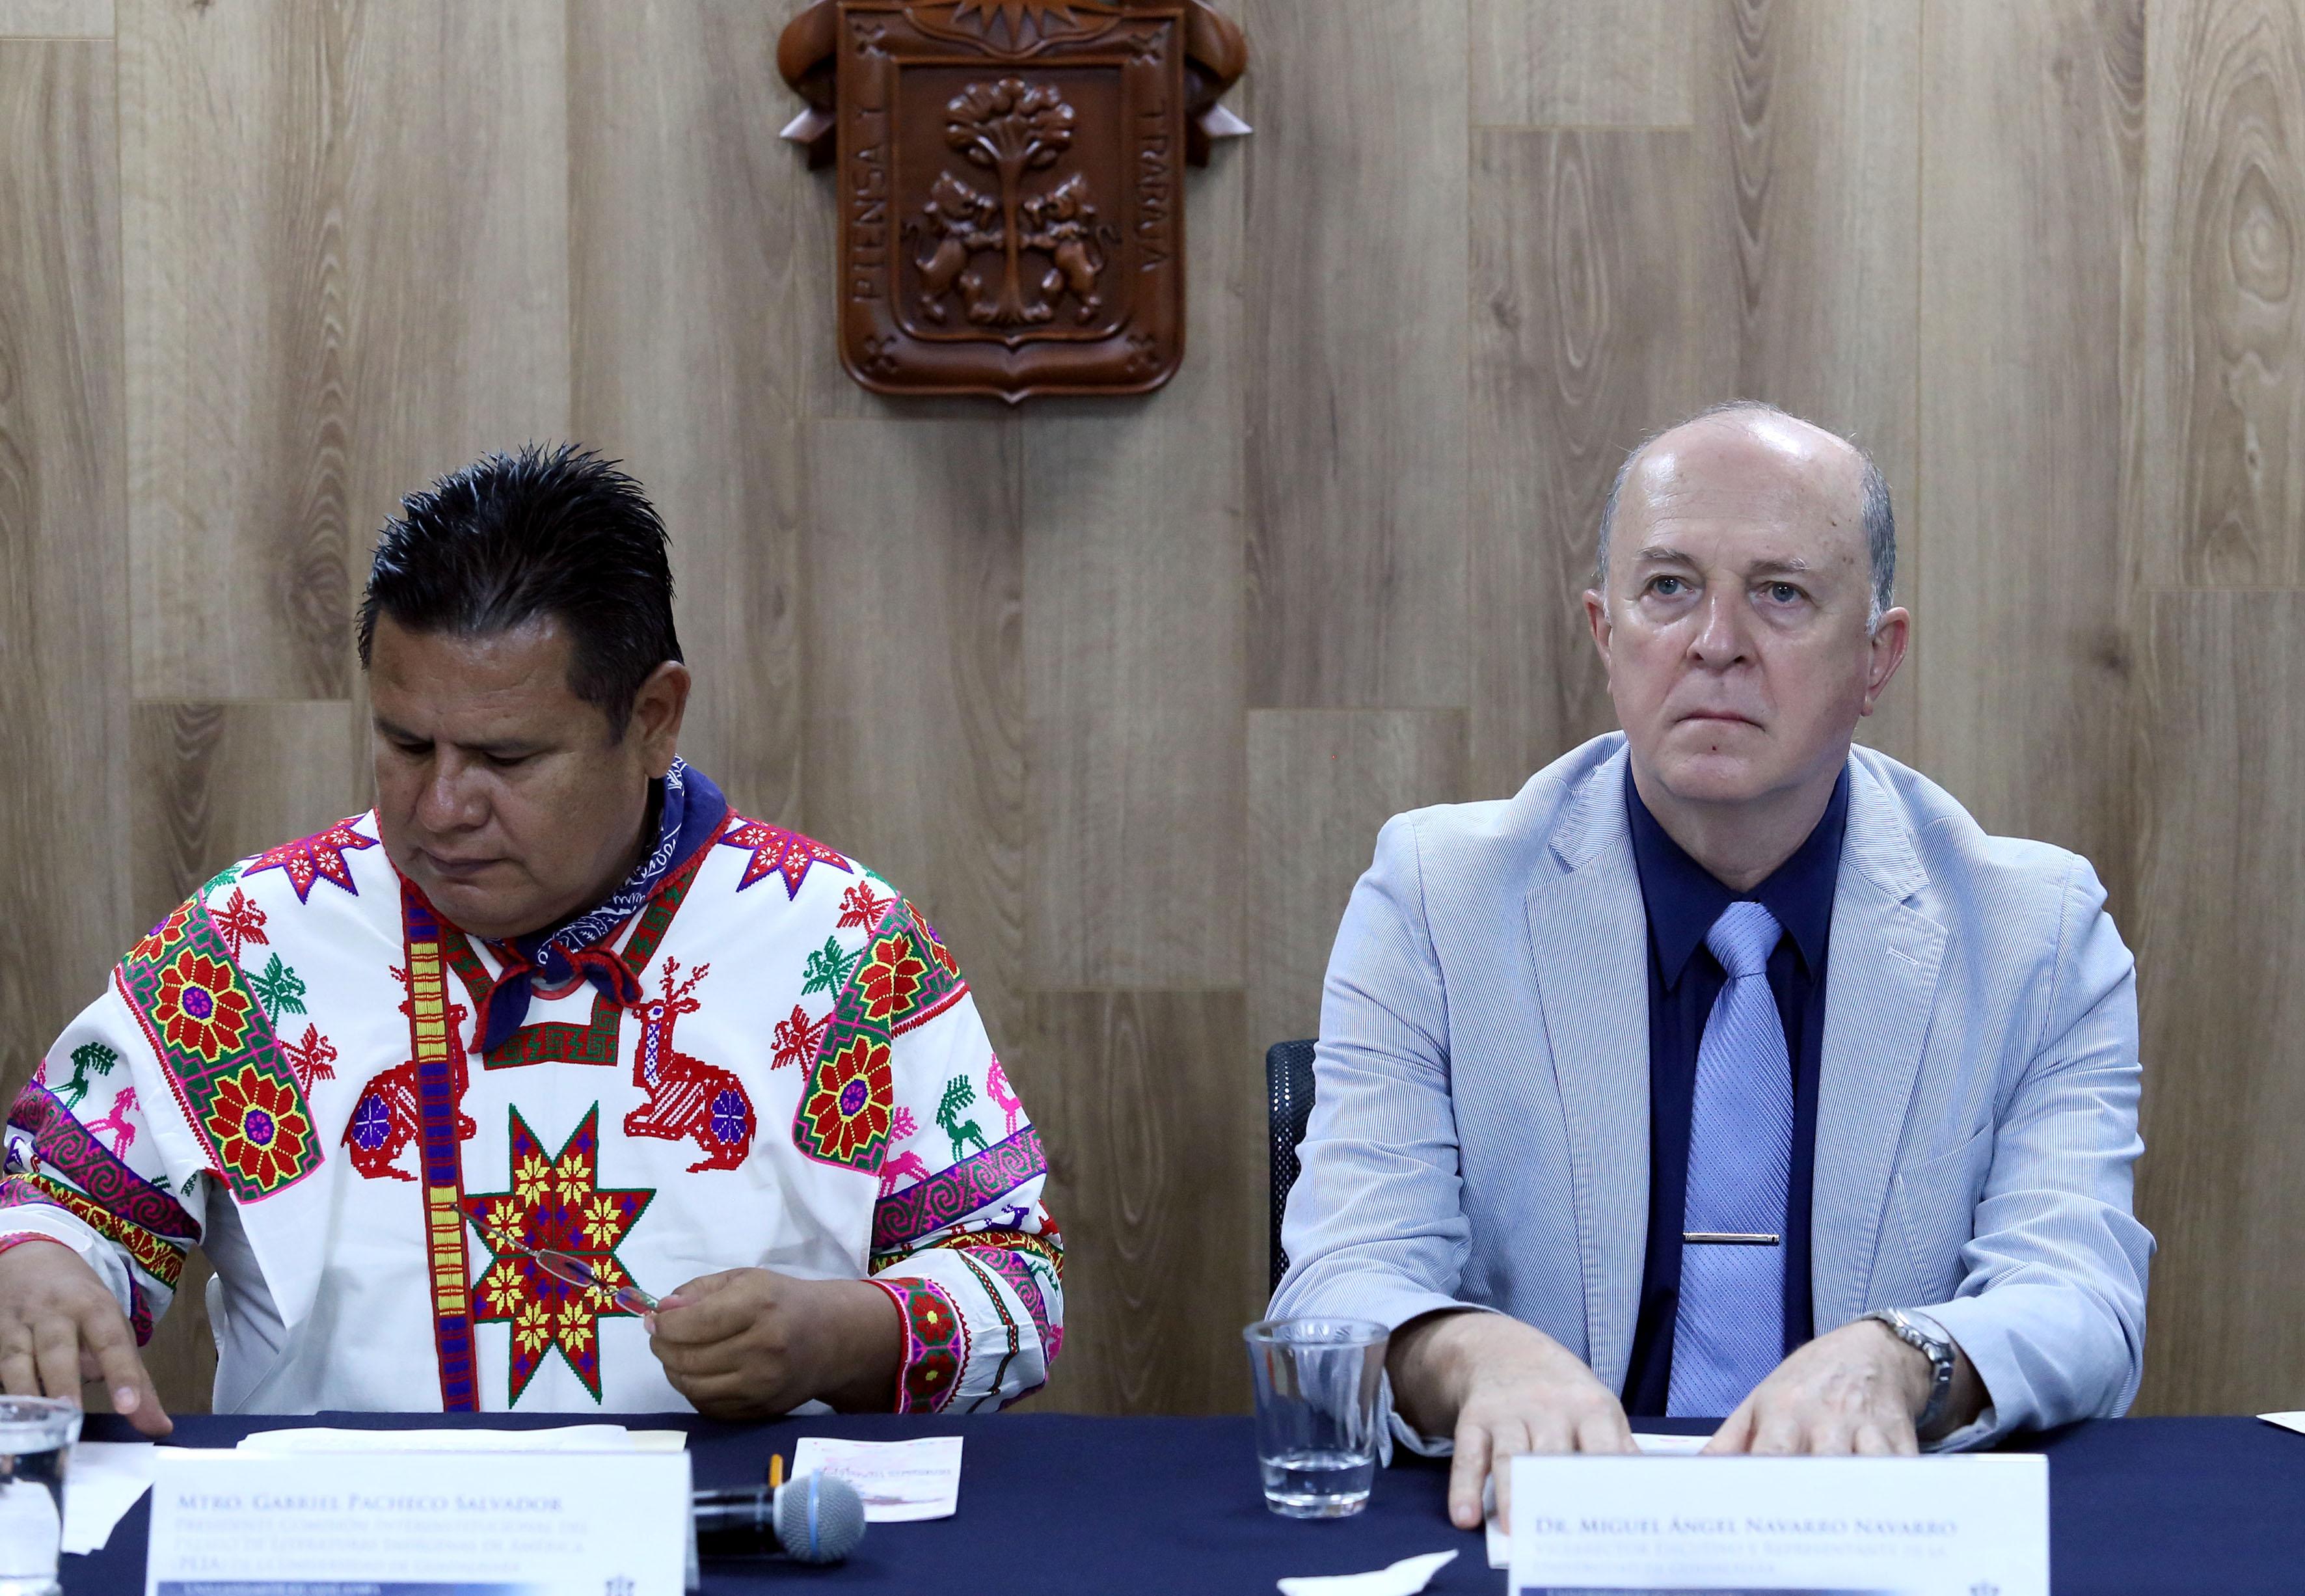 Doctor Miguel Ángel Navarro Navarro y Maestro Gabriel Pacheco Salvador, participando en conferencia de prensa